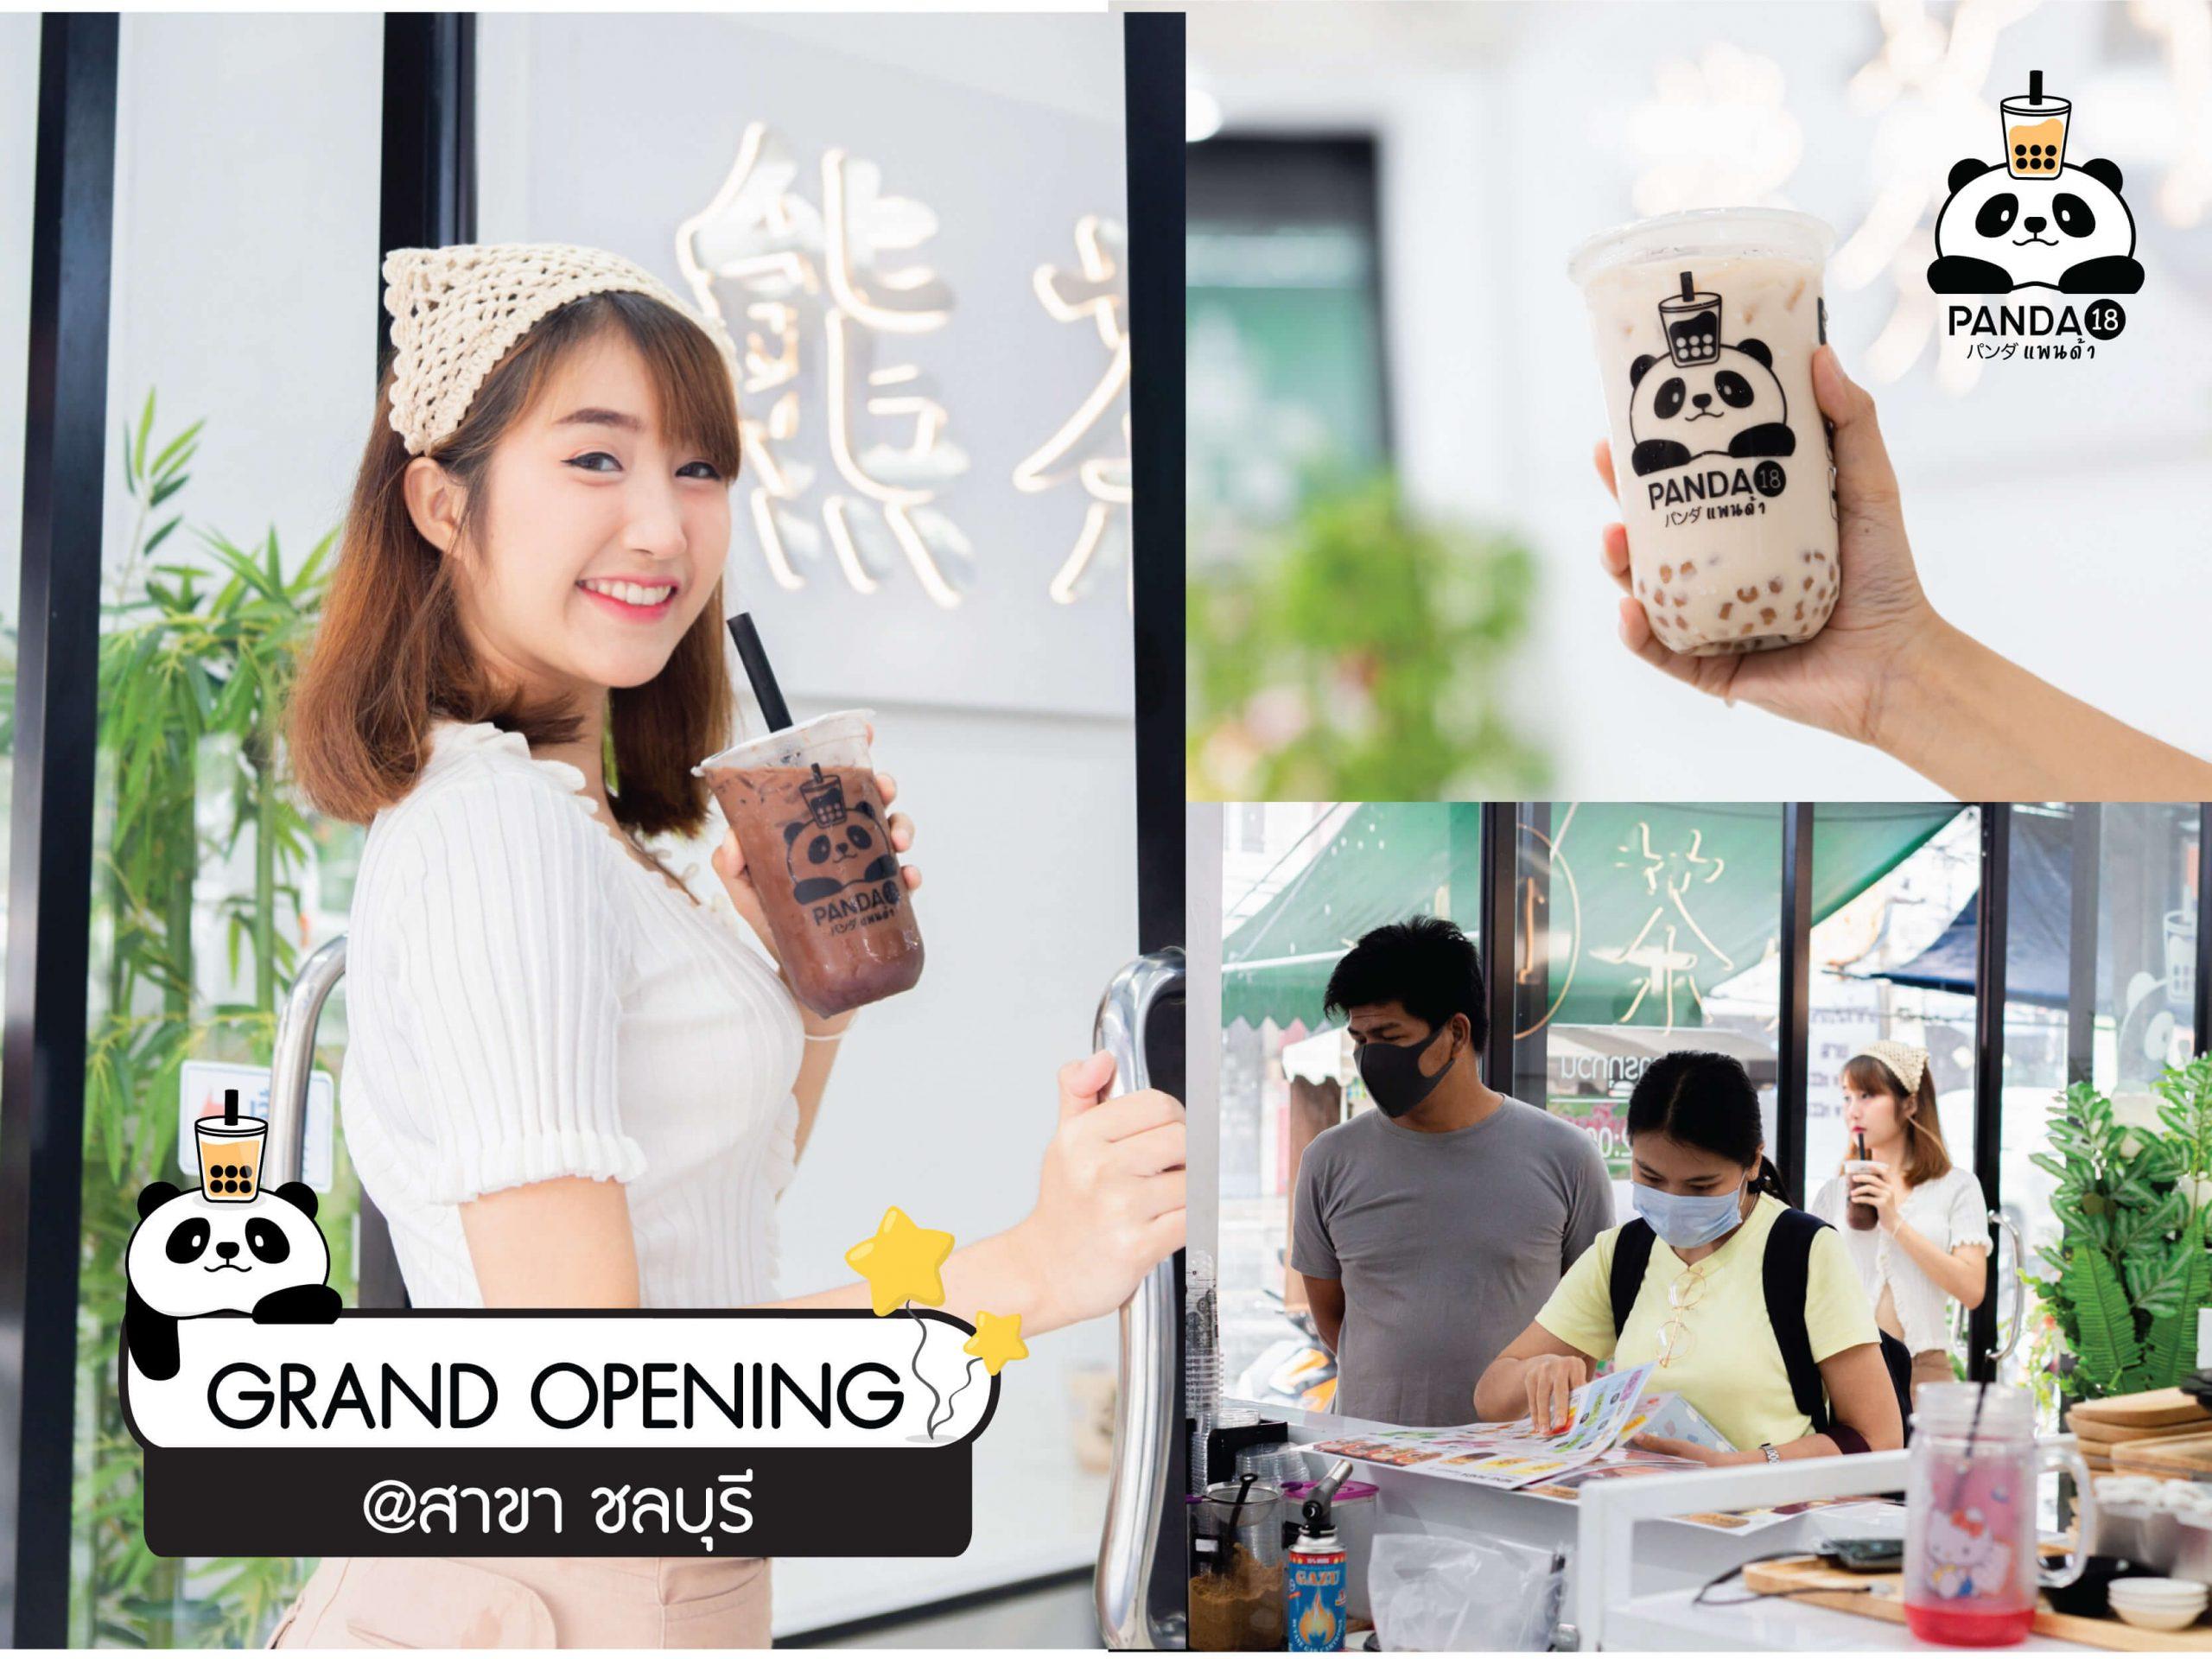 เปิดร้าน แพนด้า18 ชานมไข่มุก สาขาชลบุรีแล้ว!!